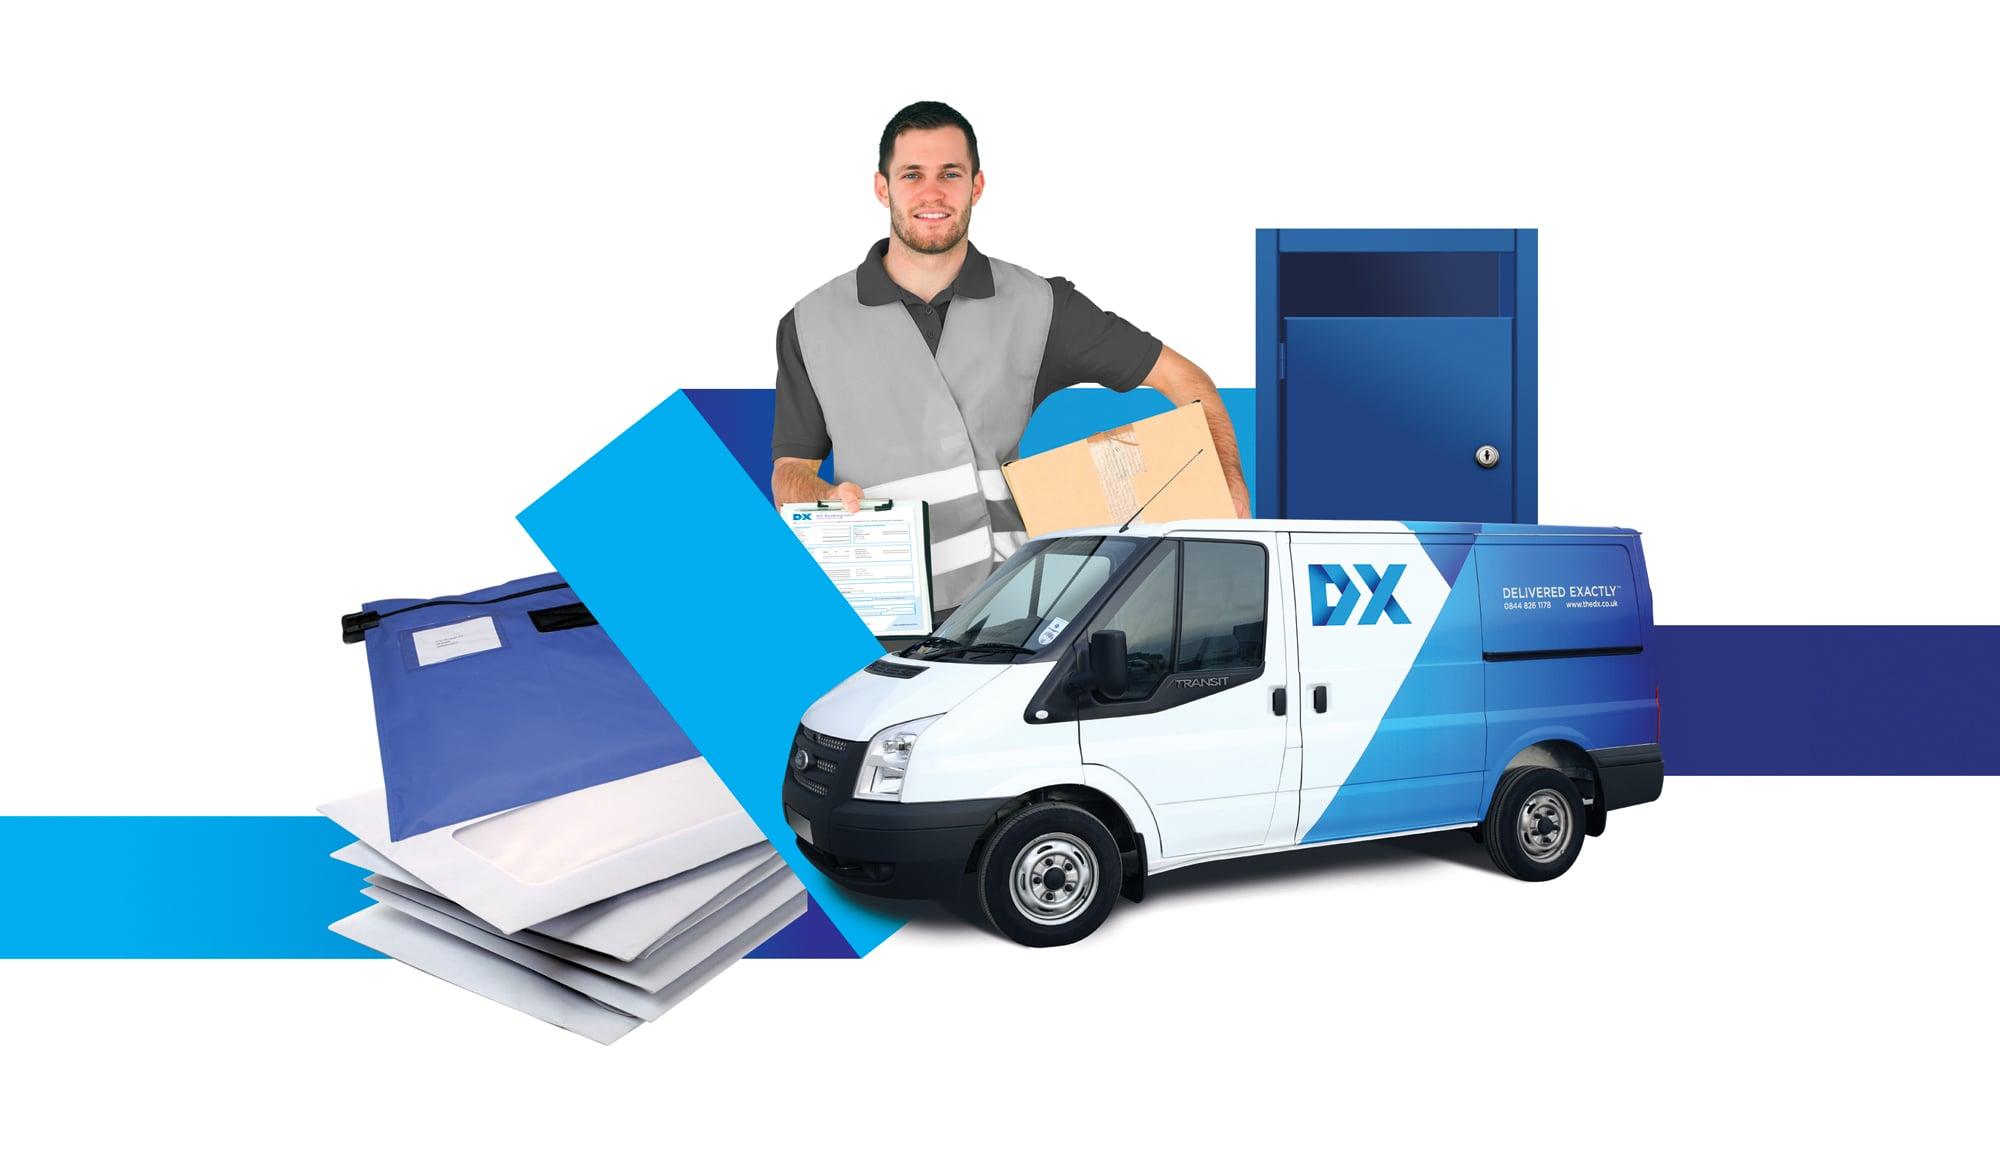 DX montage illustration